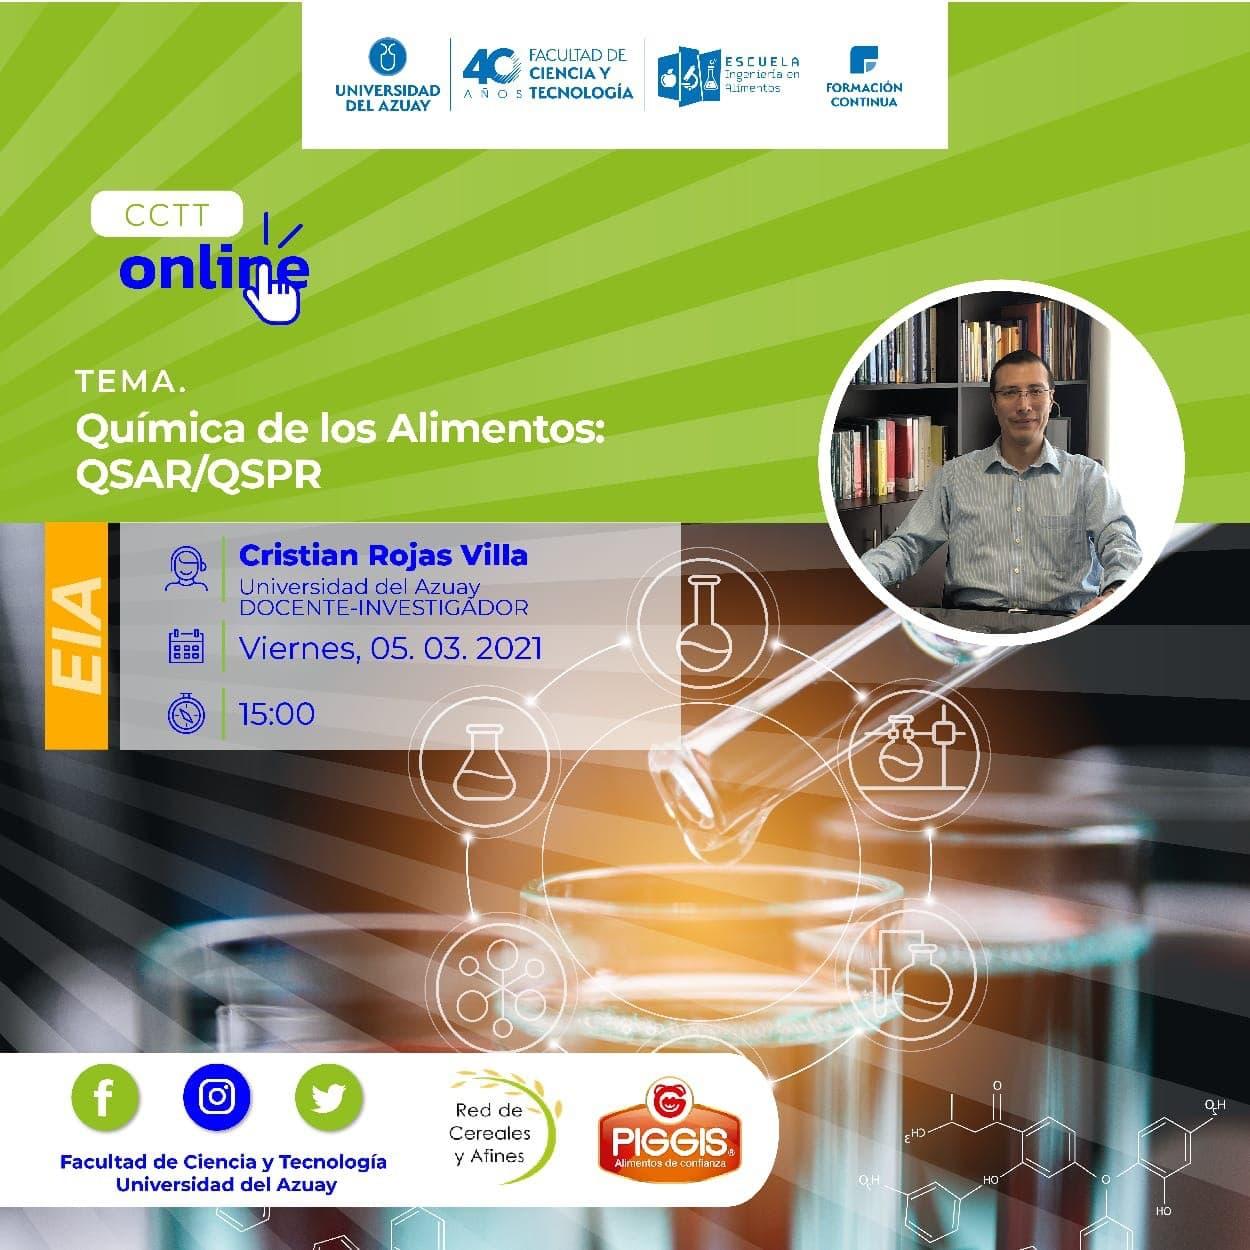 QSAR / QSPR Food Chemistry